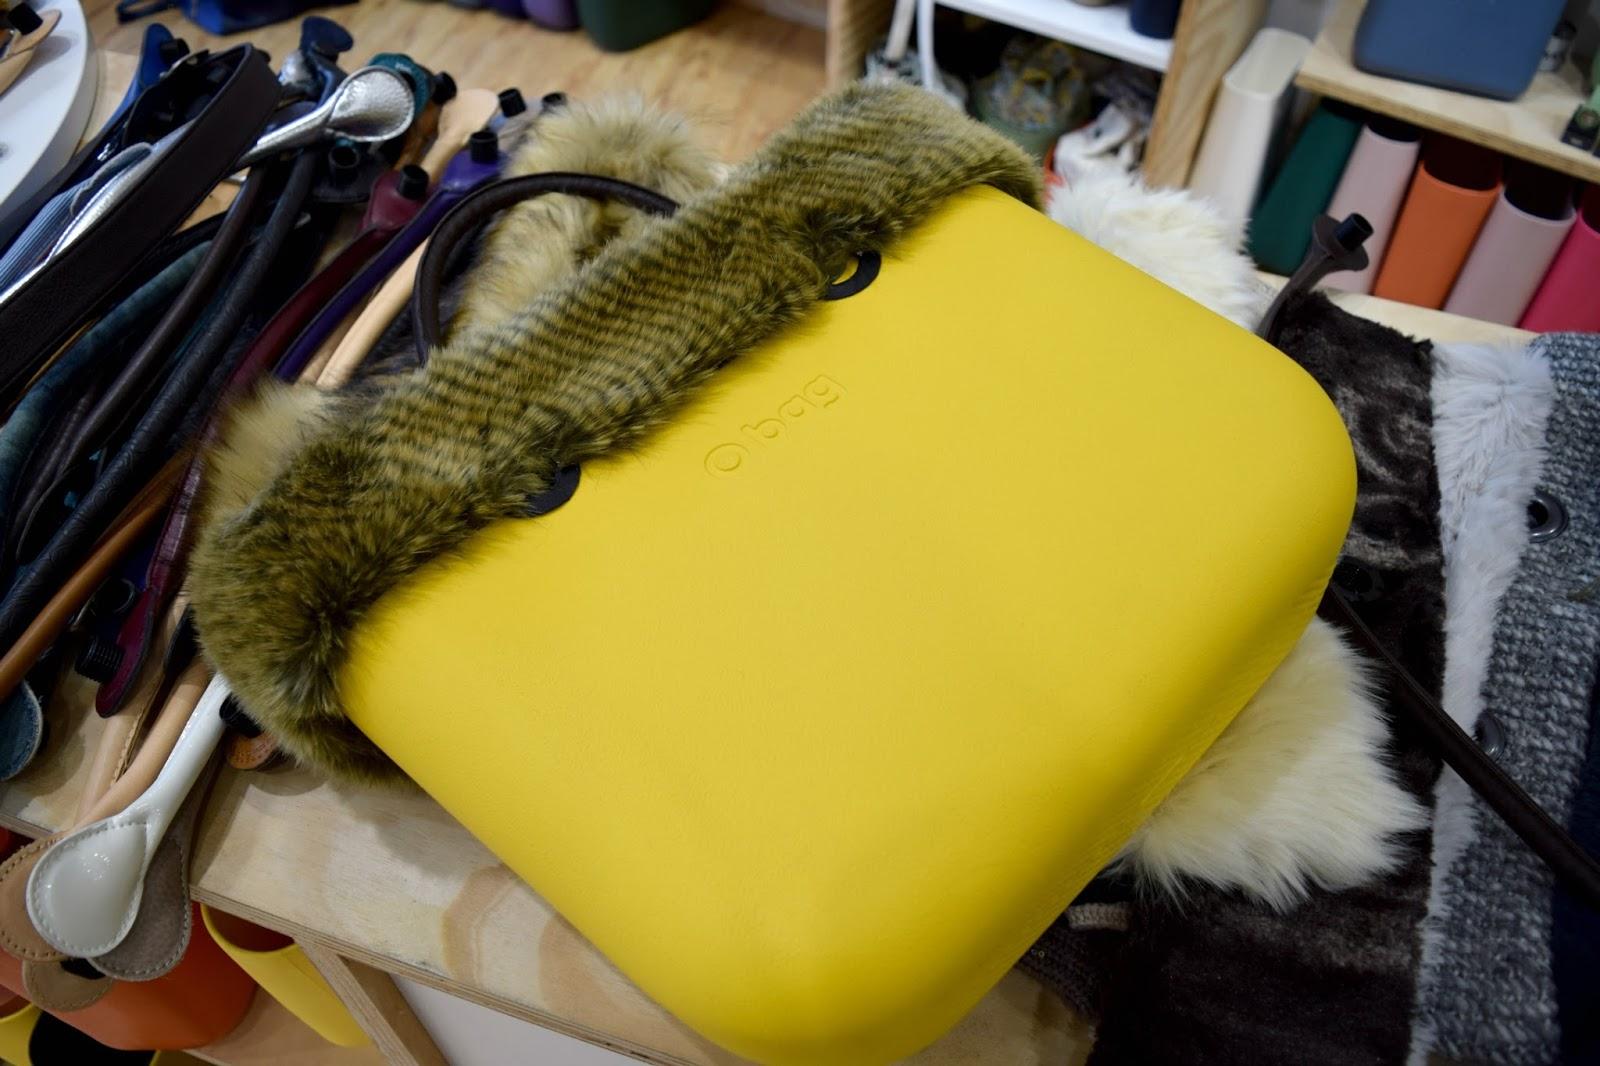 Bright yellow OBag handbag